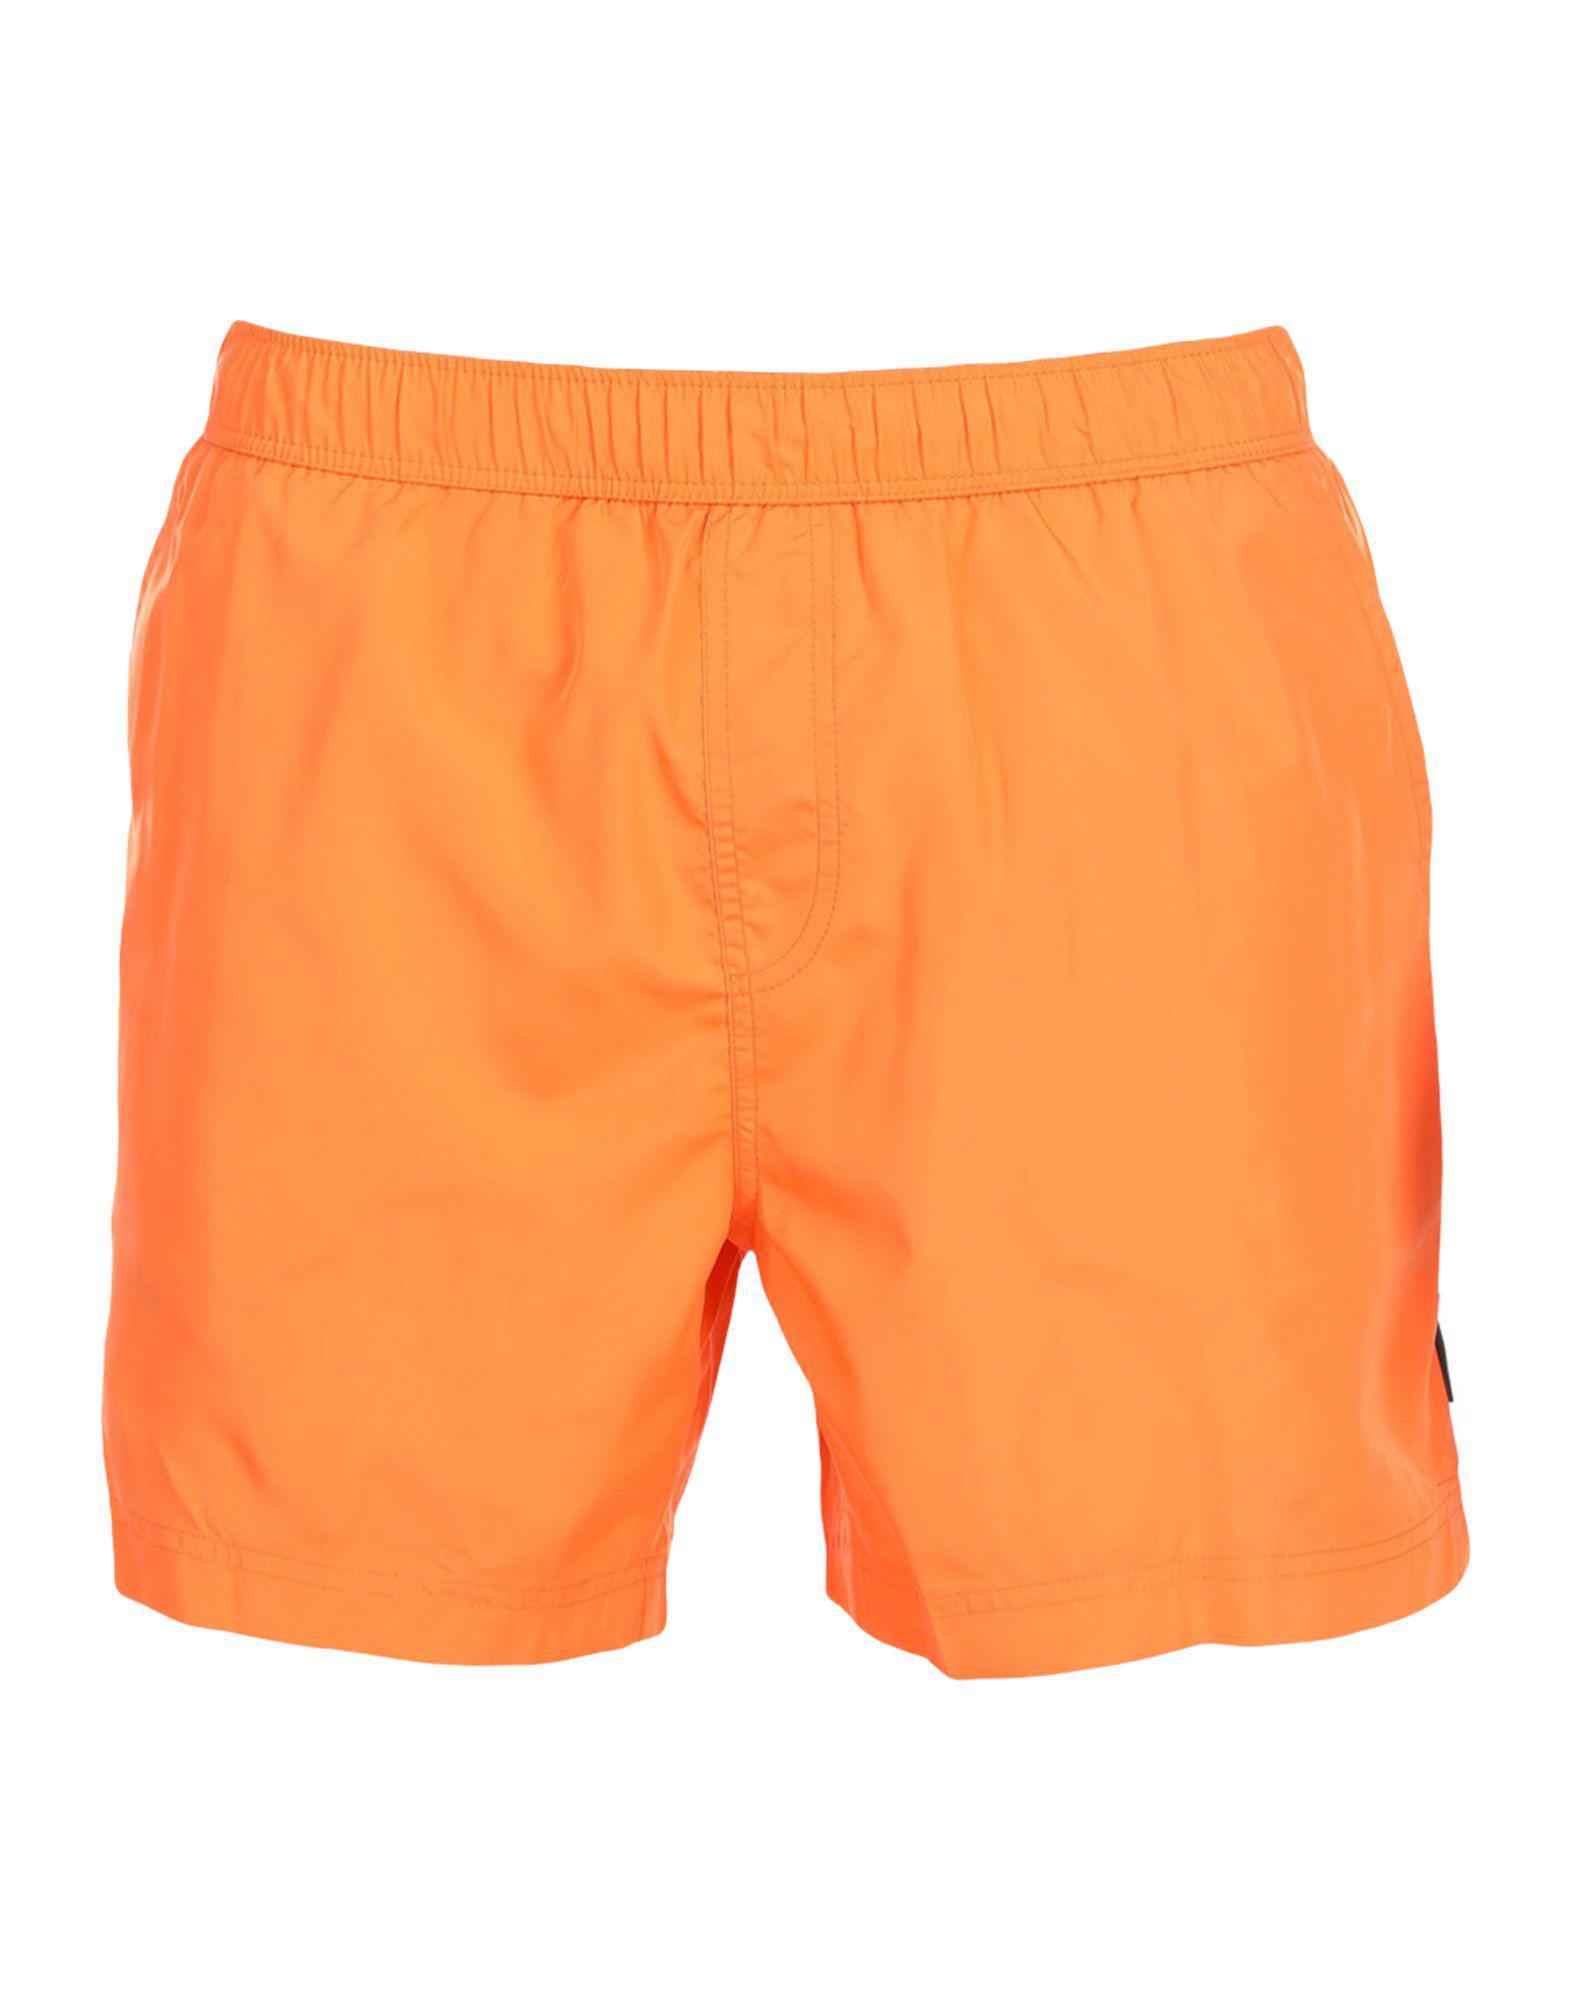 95d9d96fe5 Lyst - Ermenegildo Zegna Swim Trunks in Orange for Men